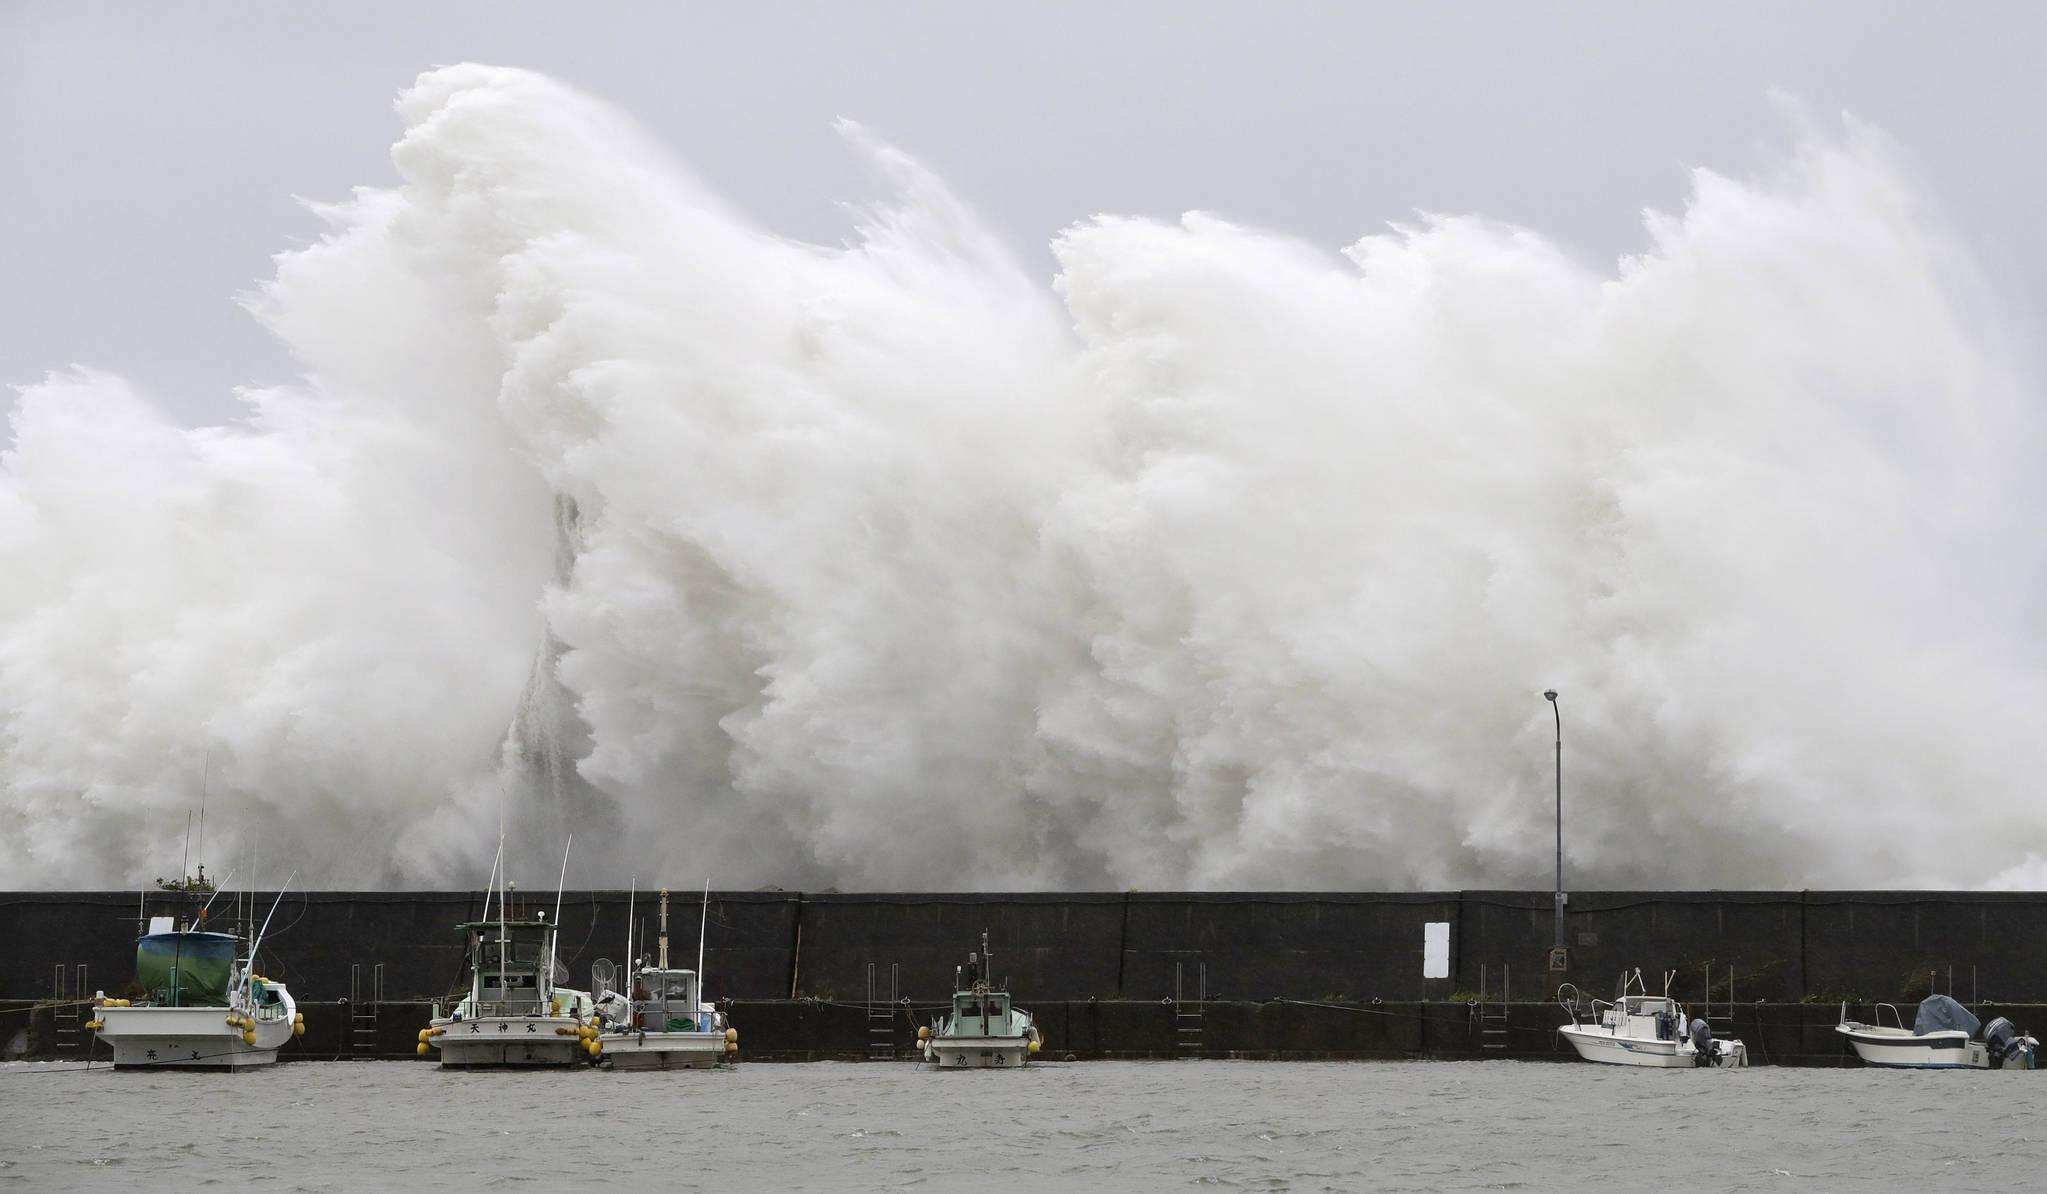 지난달 7일 일본 남부 고치(高知)현 아키(安芸)시의 항구에 태풍 노루가 들이닥치면서 높은 파도가 치고 있다. [연합뉴스]